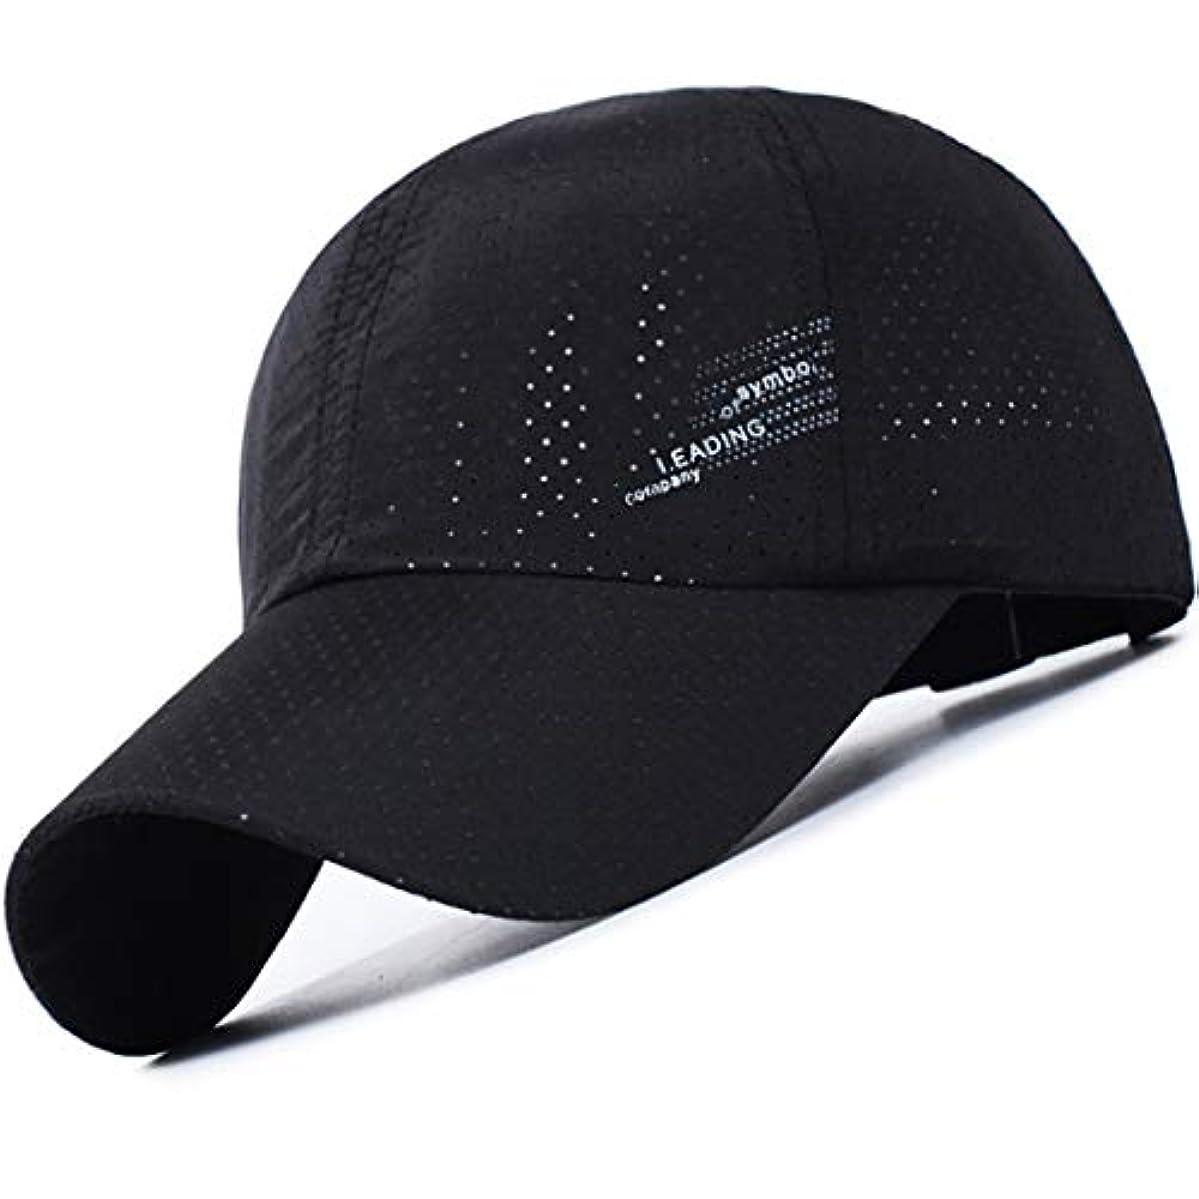 着る該当する愛T WILKER メッシュキャップ メンズ 速乾 通気 清涼感 男女兼用 UVカット 春夏 紫外線対策 アウトドア 日よけ野球帽 ゴルフ 登山 釣り ランニング ジョギング 熱中症予防